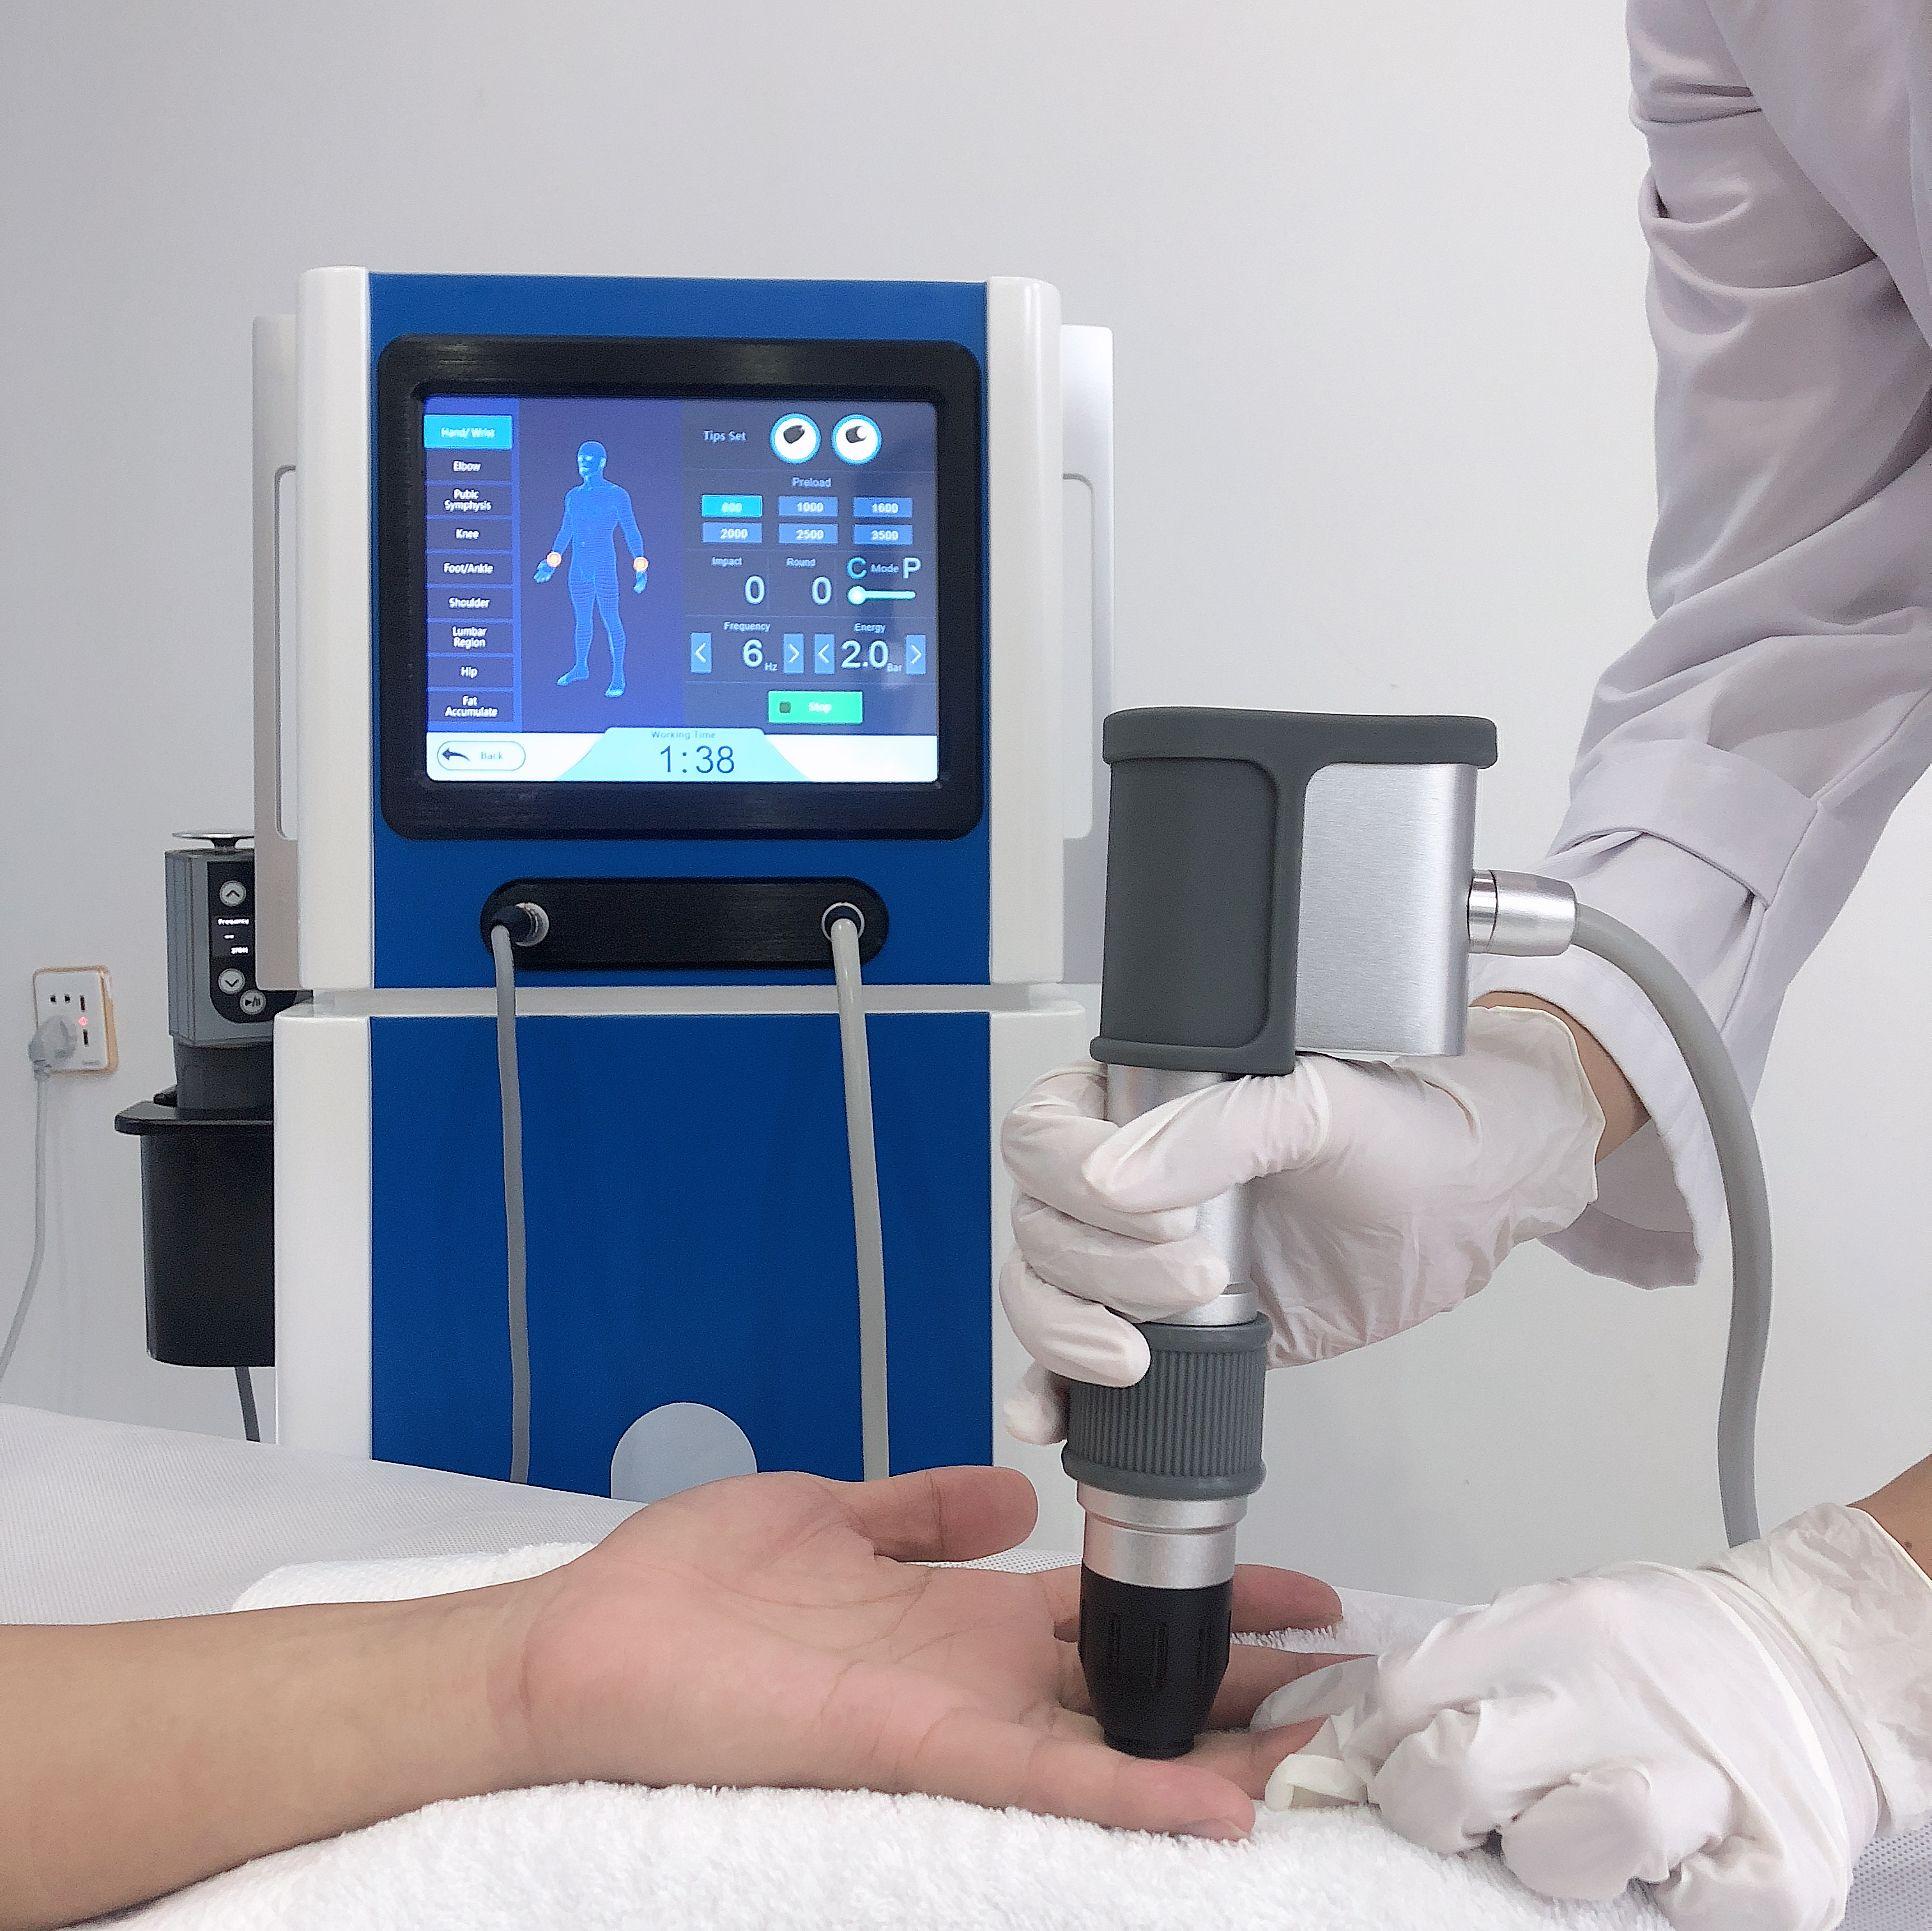 Combation 2 in 1 pneumatico elettromagnetica dispositivo onde d'urto rimozione macchina DE trattamento del dolore corpo onde d'urto